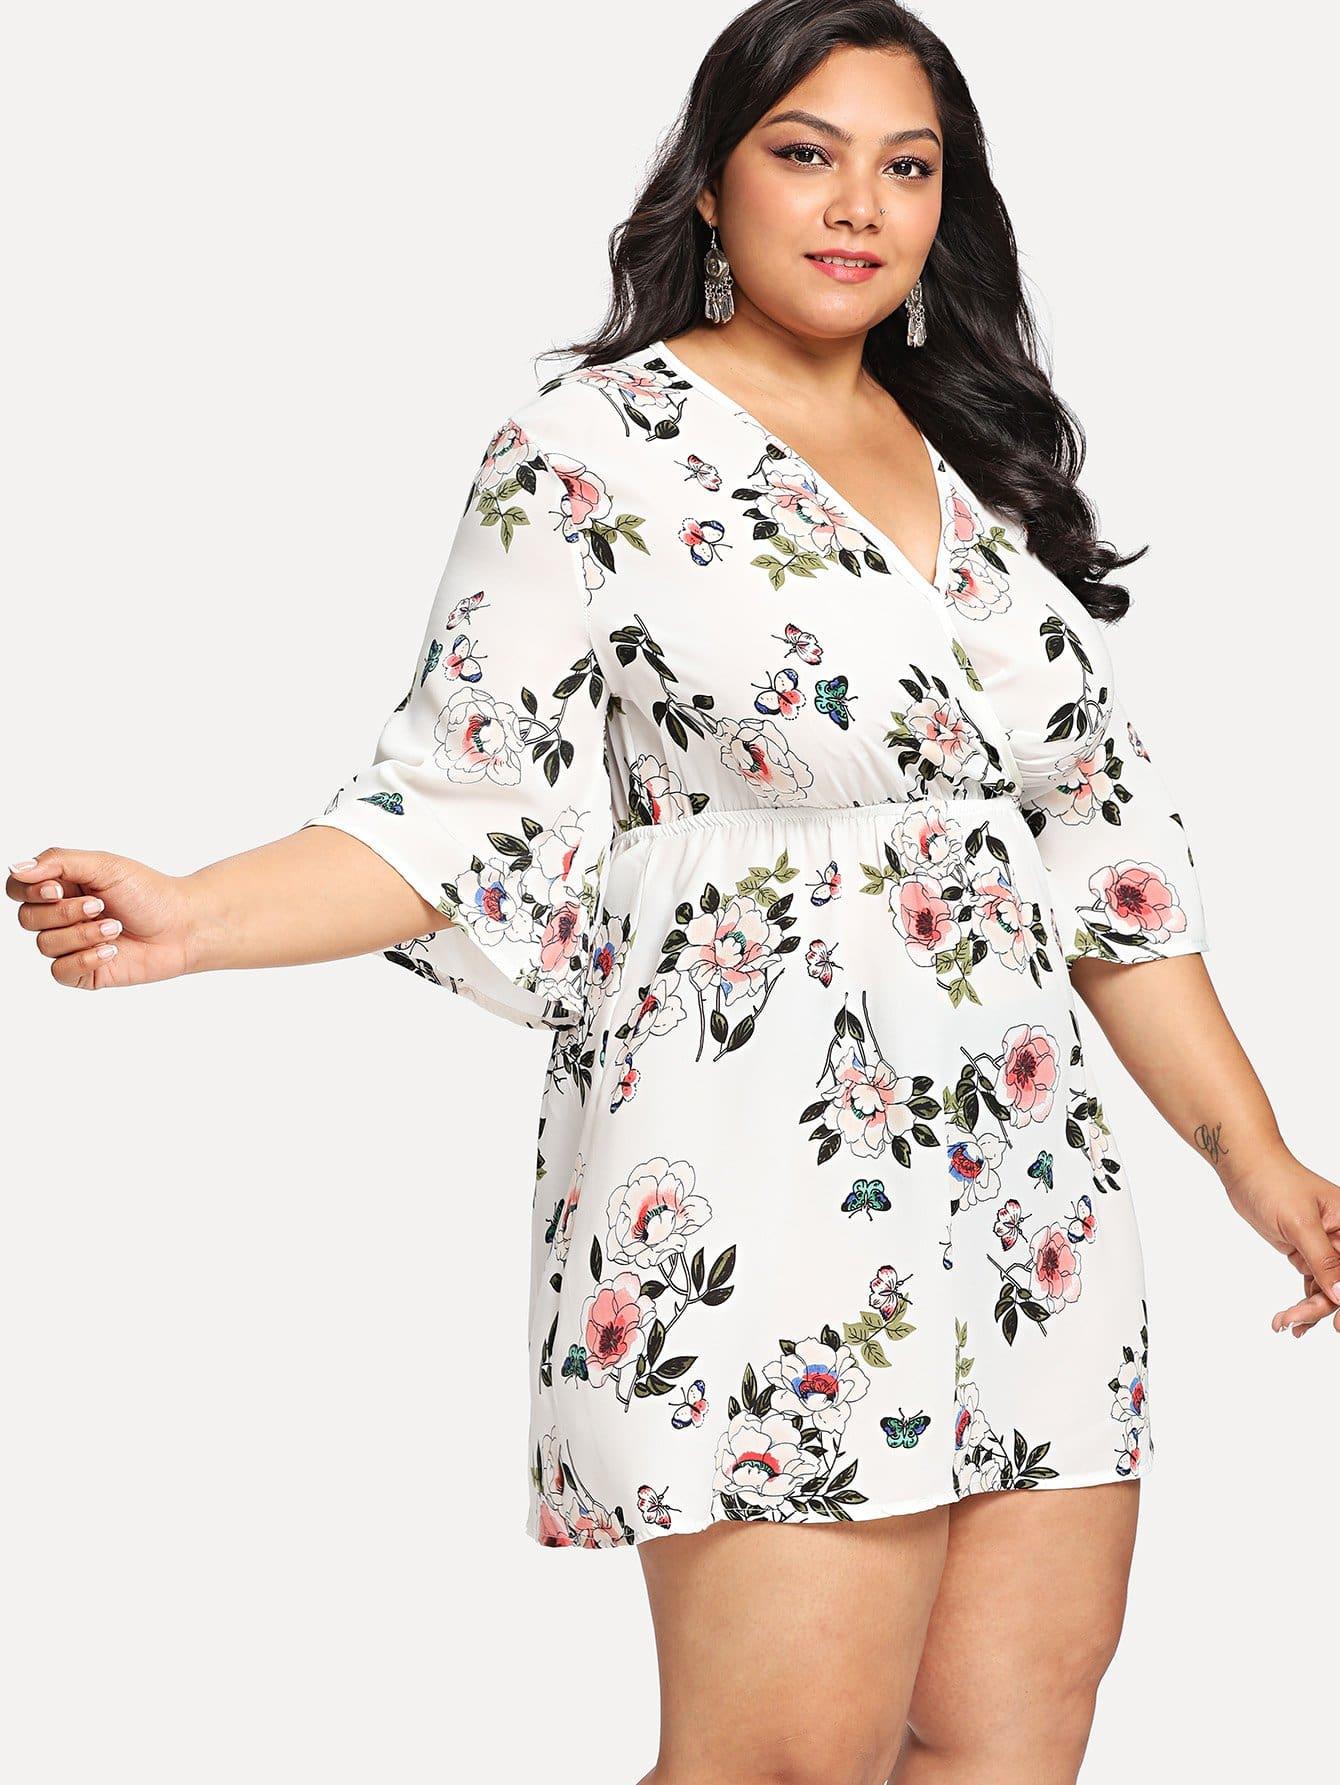 Купить Цветочное платье с запахом, Klawsia, SheIn